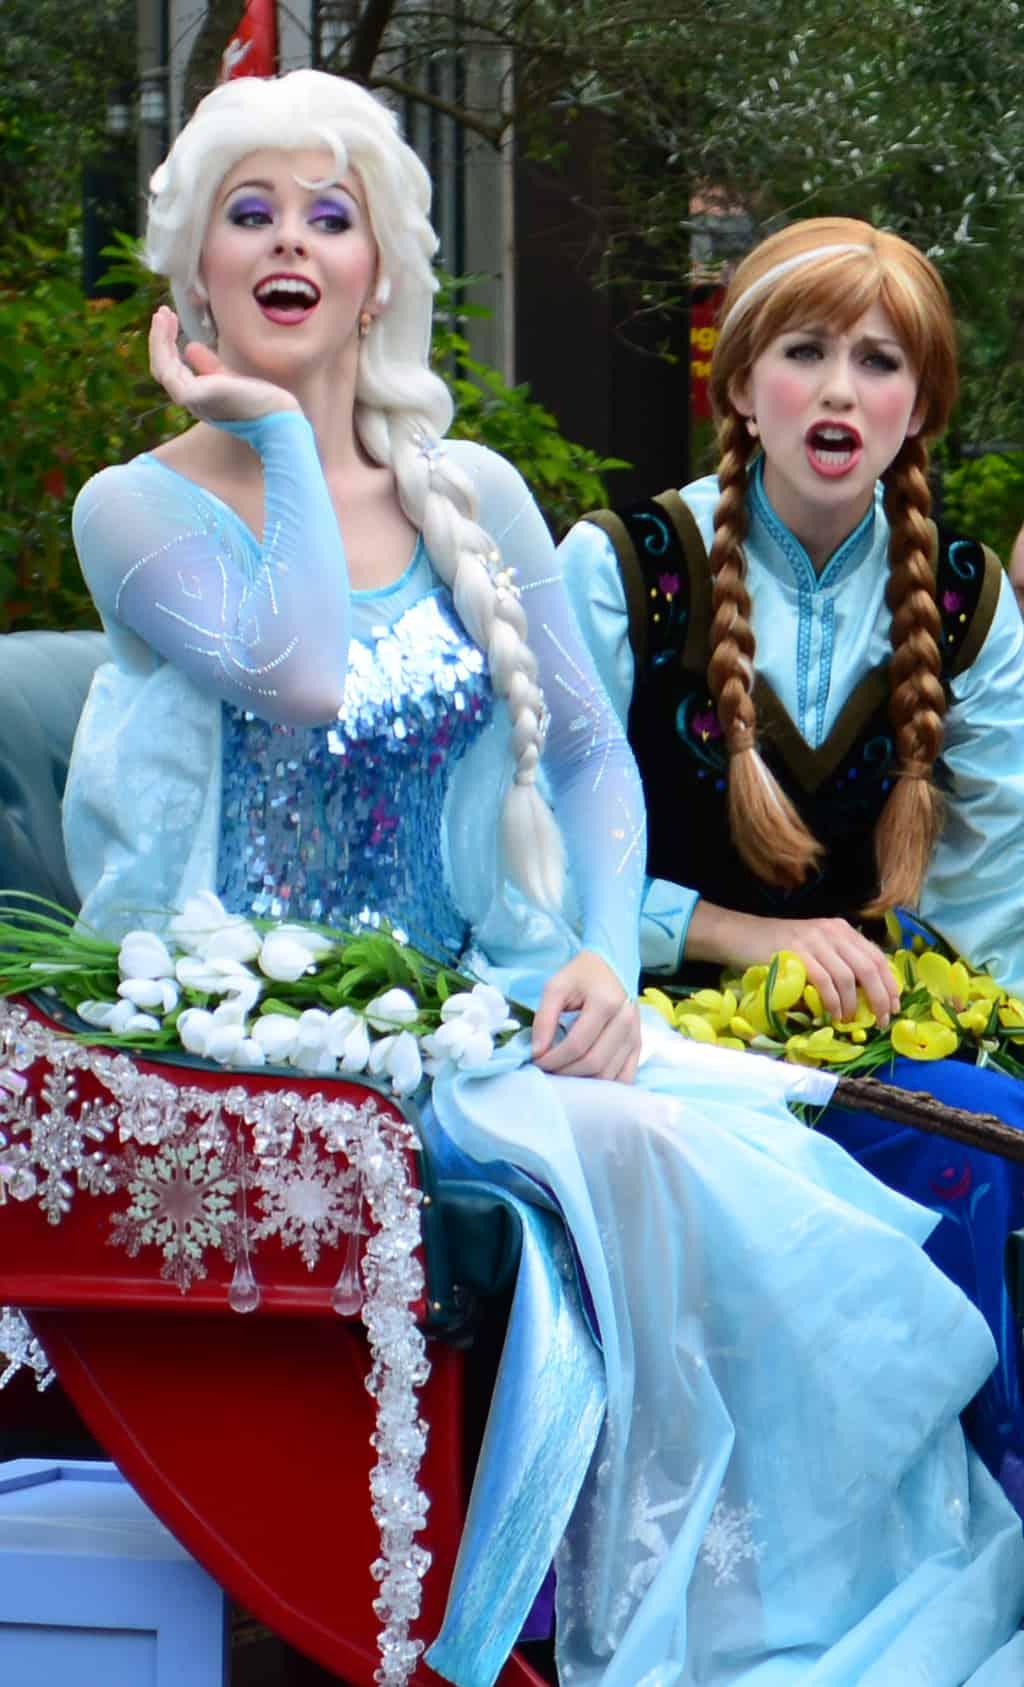 Will Frozen Summer Fun Be Extended Beyond September 1